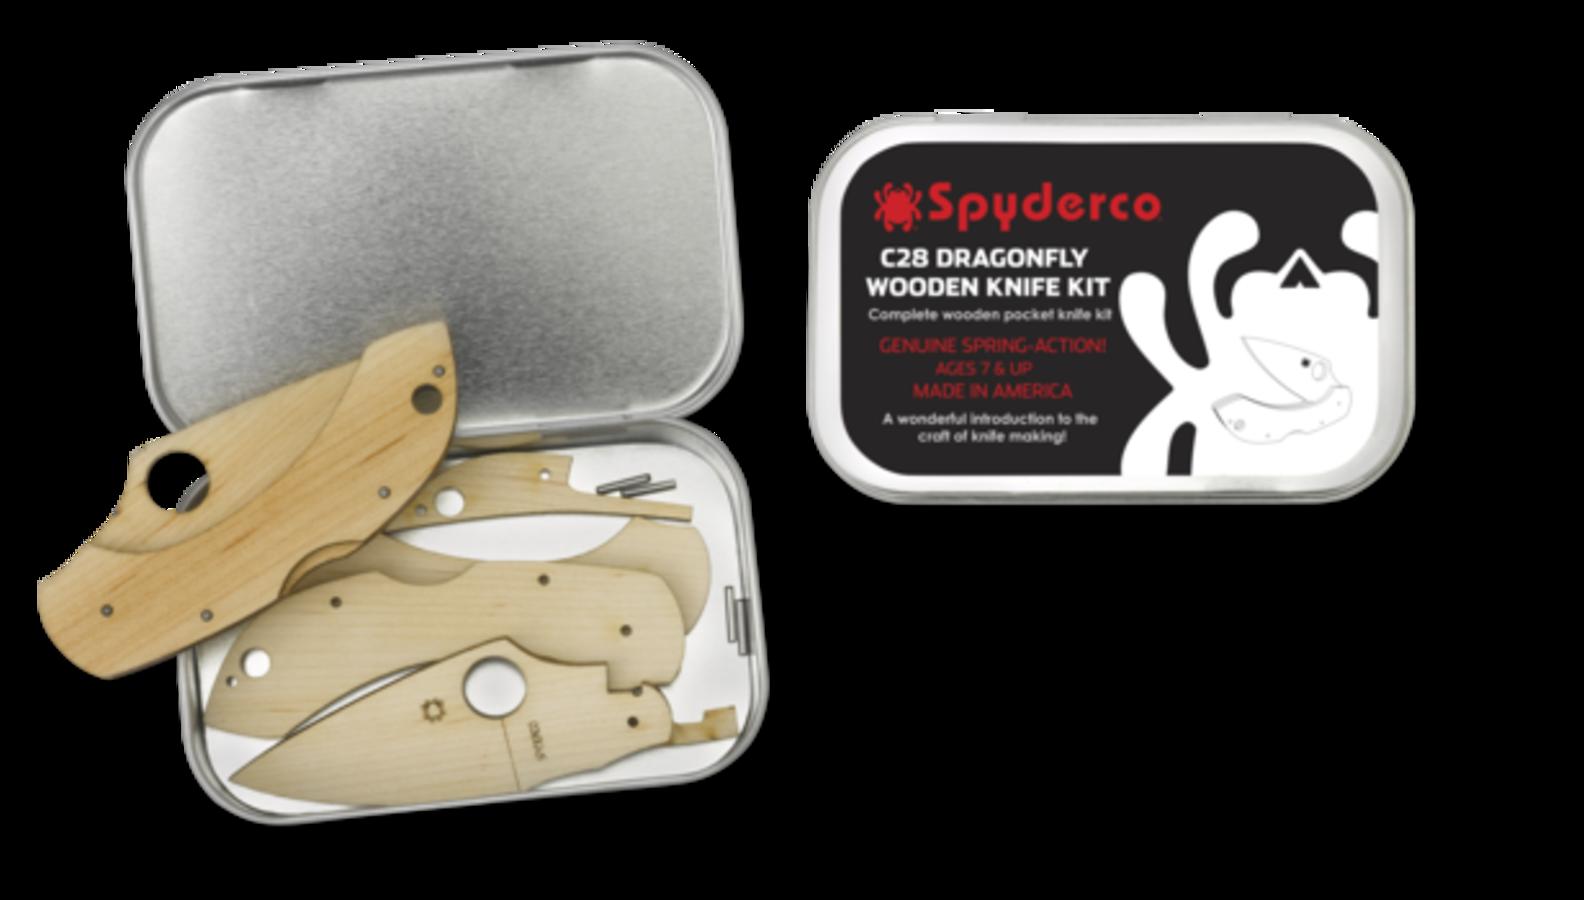 Spyderco Spyderco Wooden Kit Dragonfly